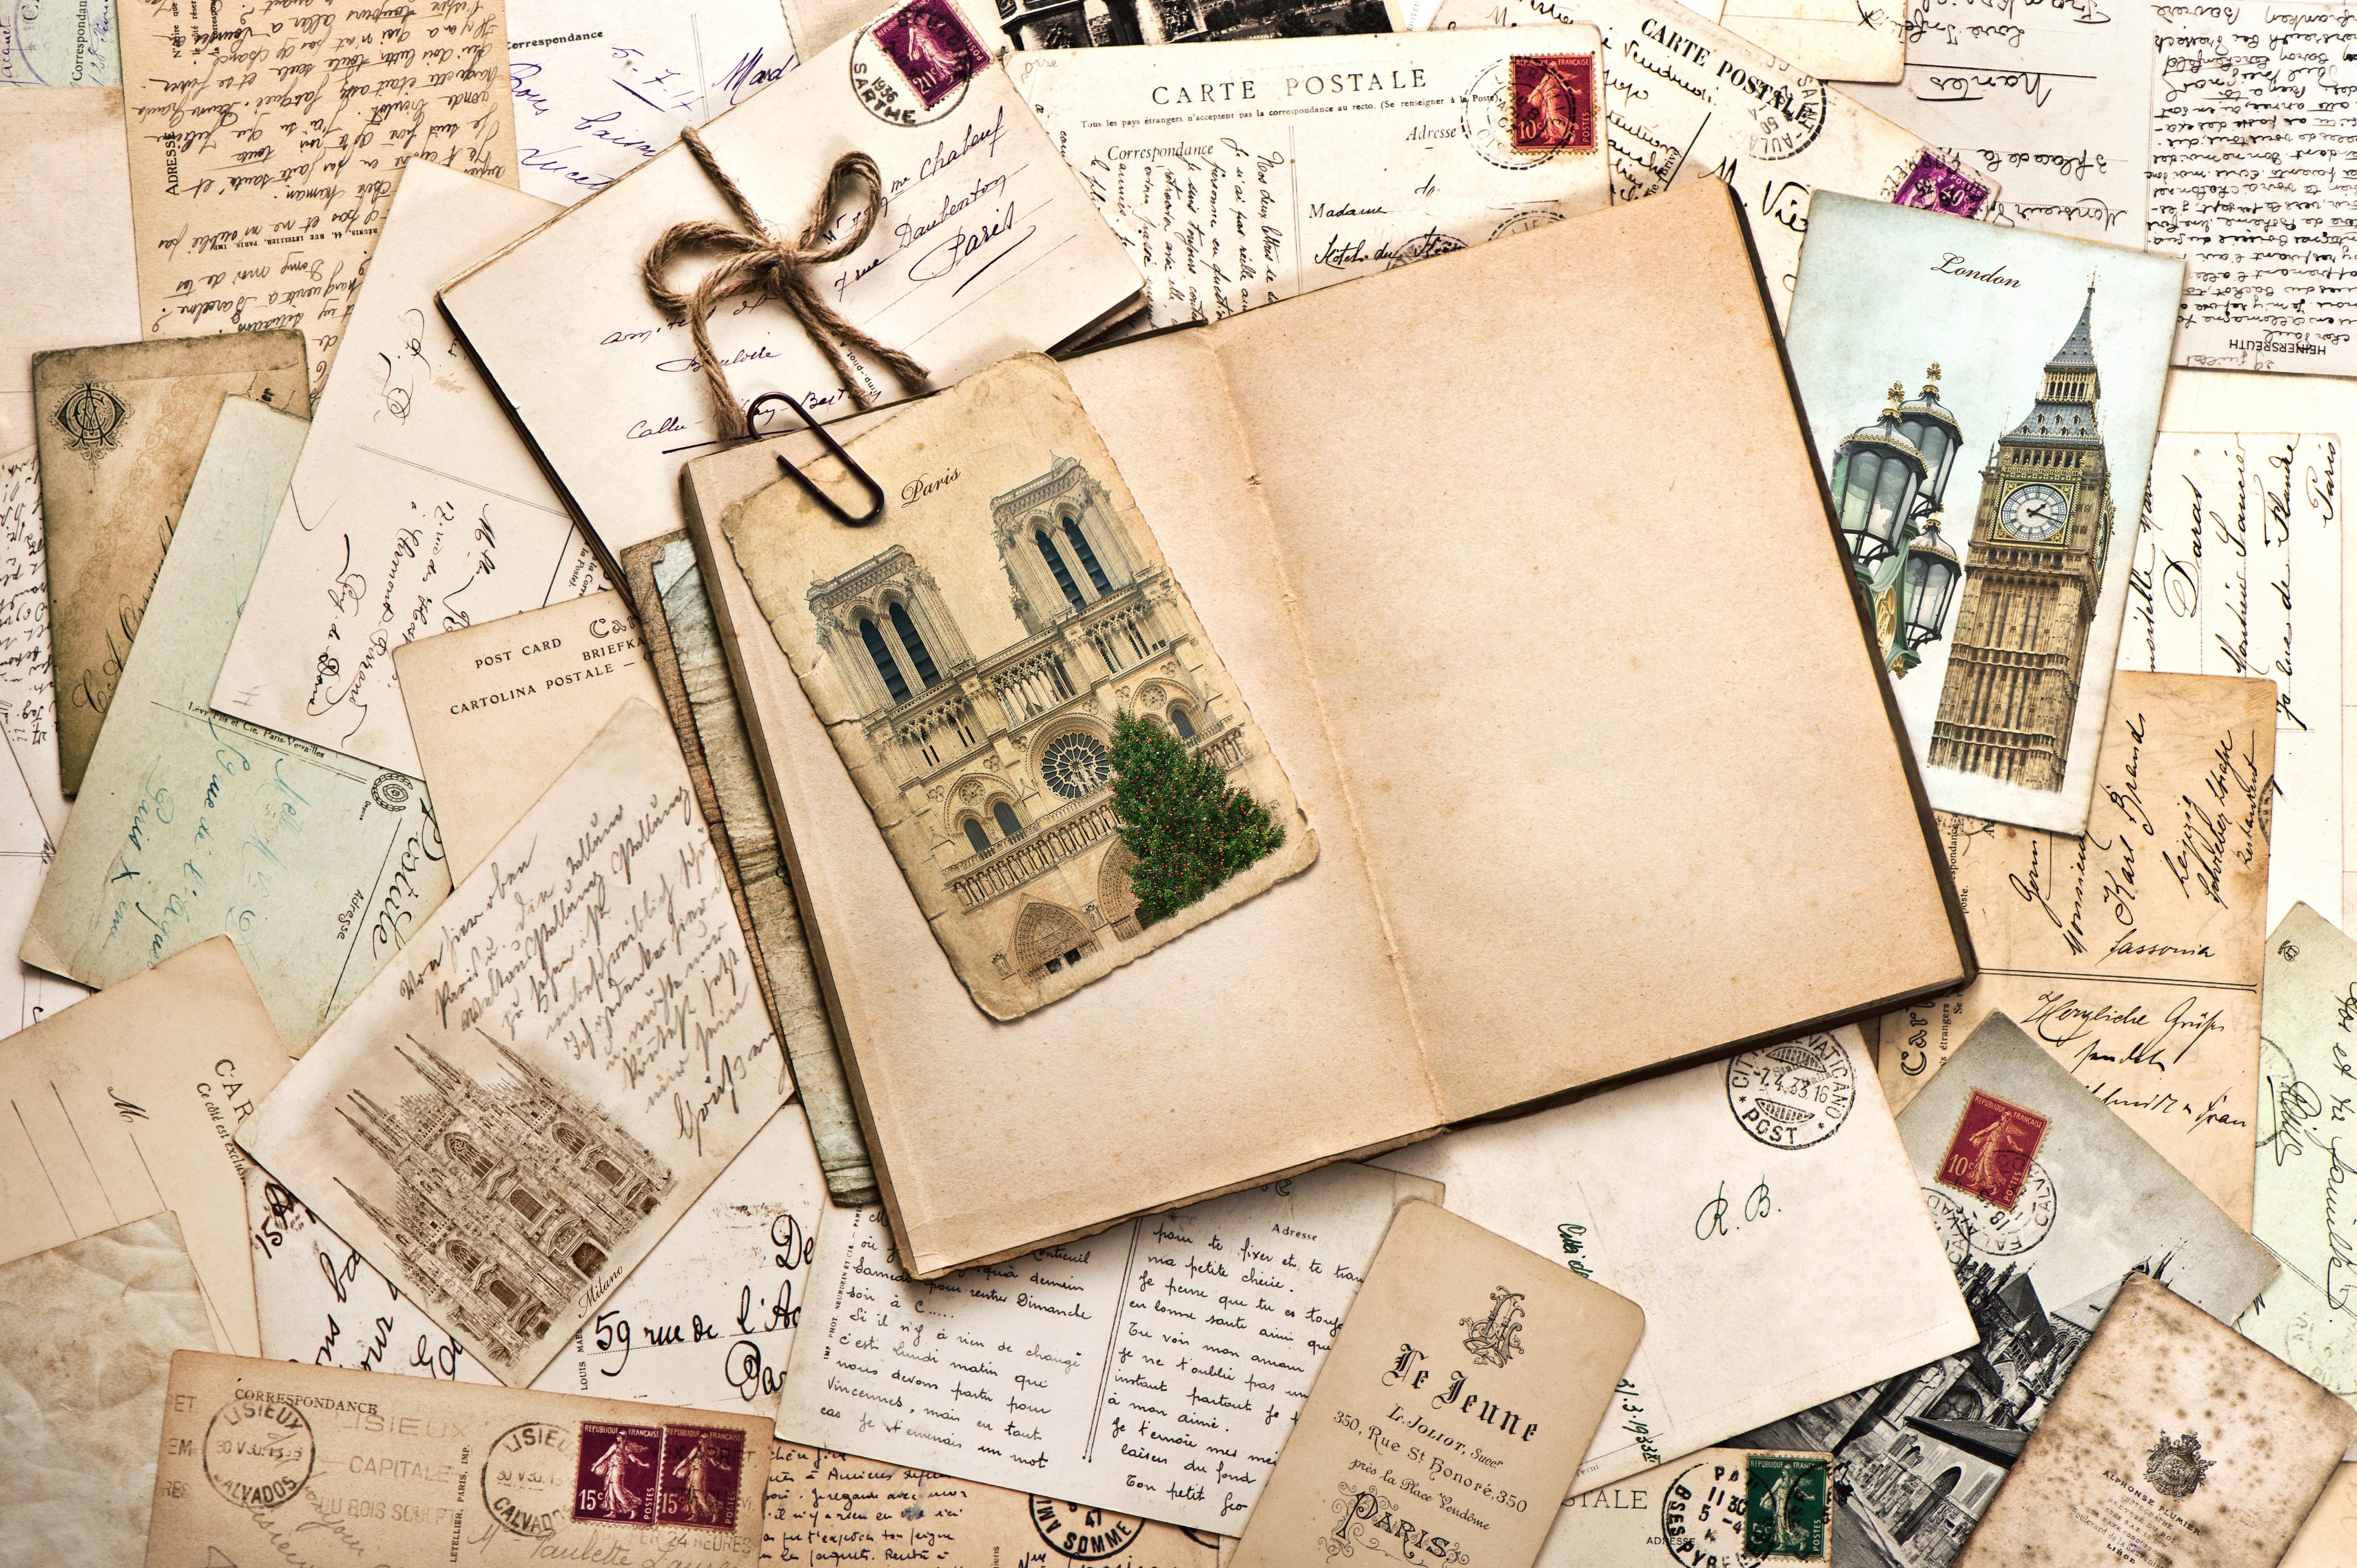 Письма с открытками, днем неторопливости февраля